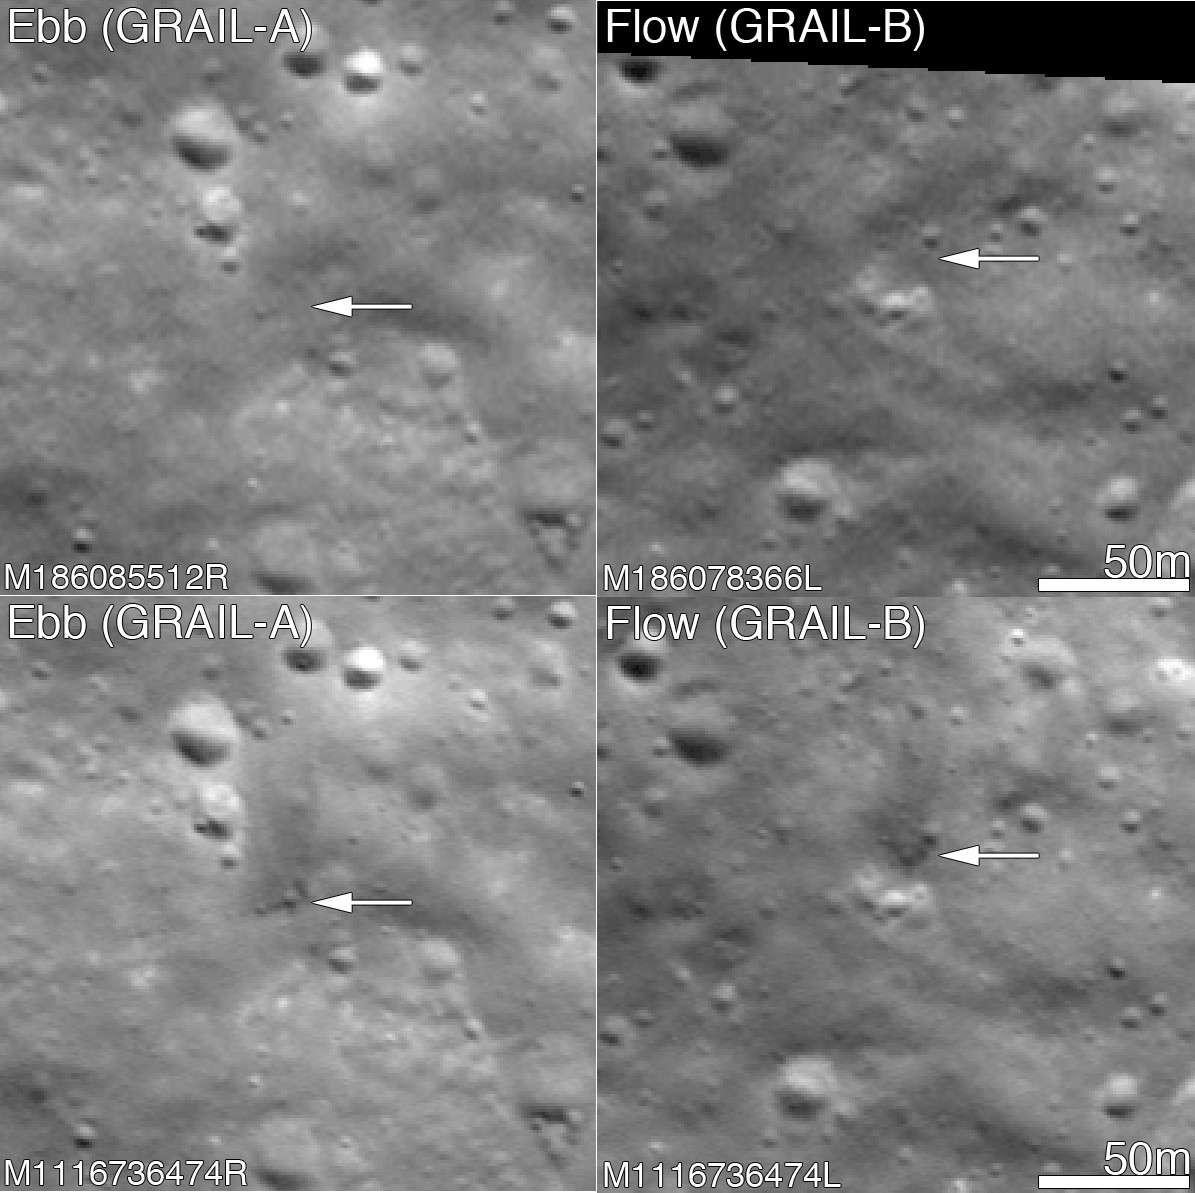 Ces images montrent les cratères formés par les impacts de Flow et Ebb, les deux sondes de la mission Grail qui ont percuté le sol lunaire le 17 décembre 2012. Ces clichés ont été réalisés par l'orbiteur LRO depuis une altitude de 160 km. © Nasa, GSFC, Arizona State University